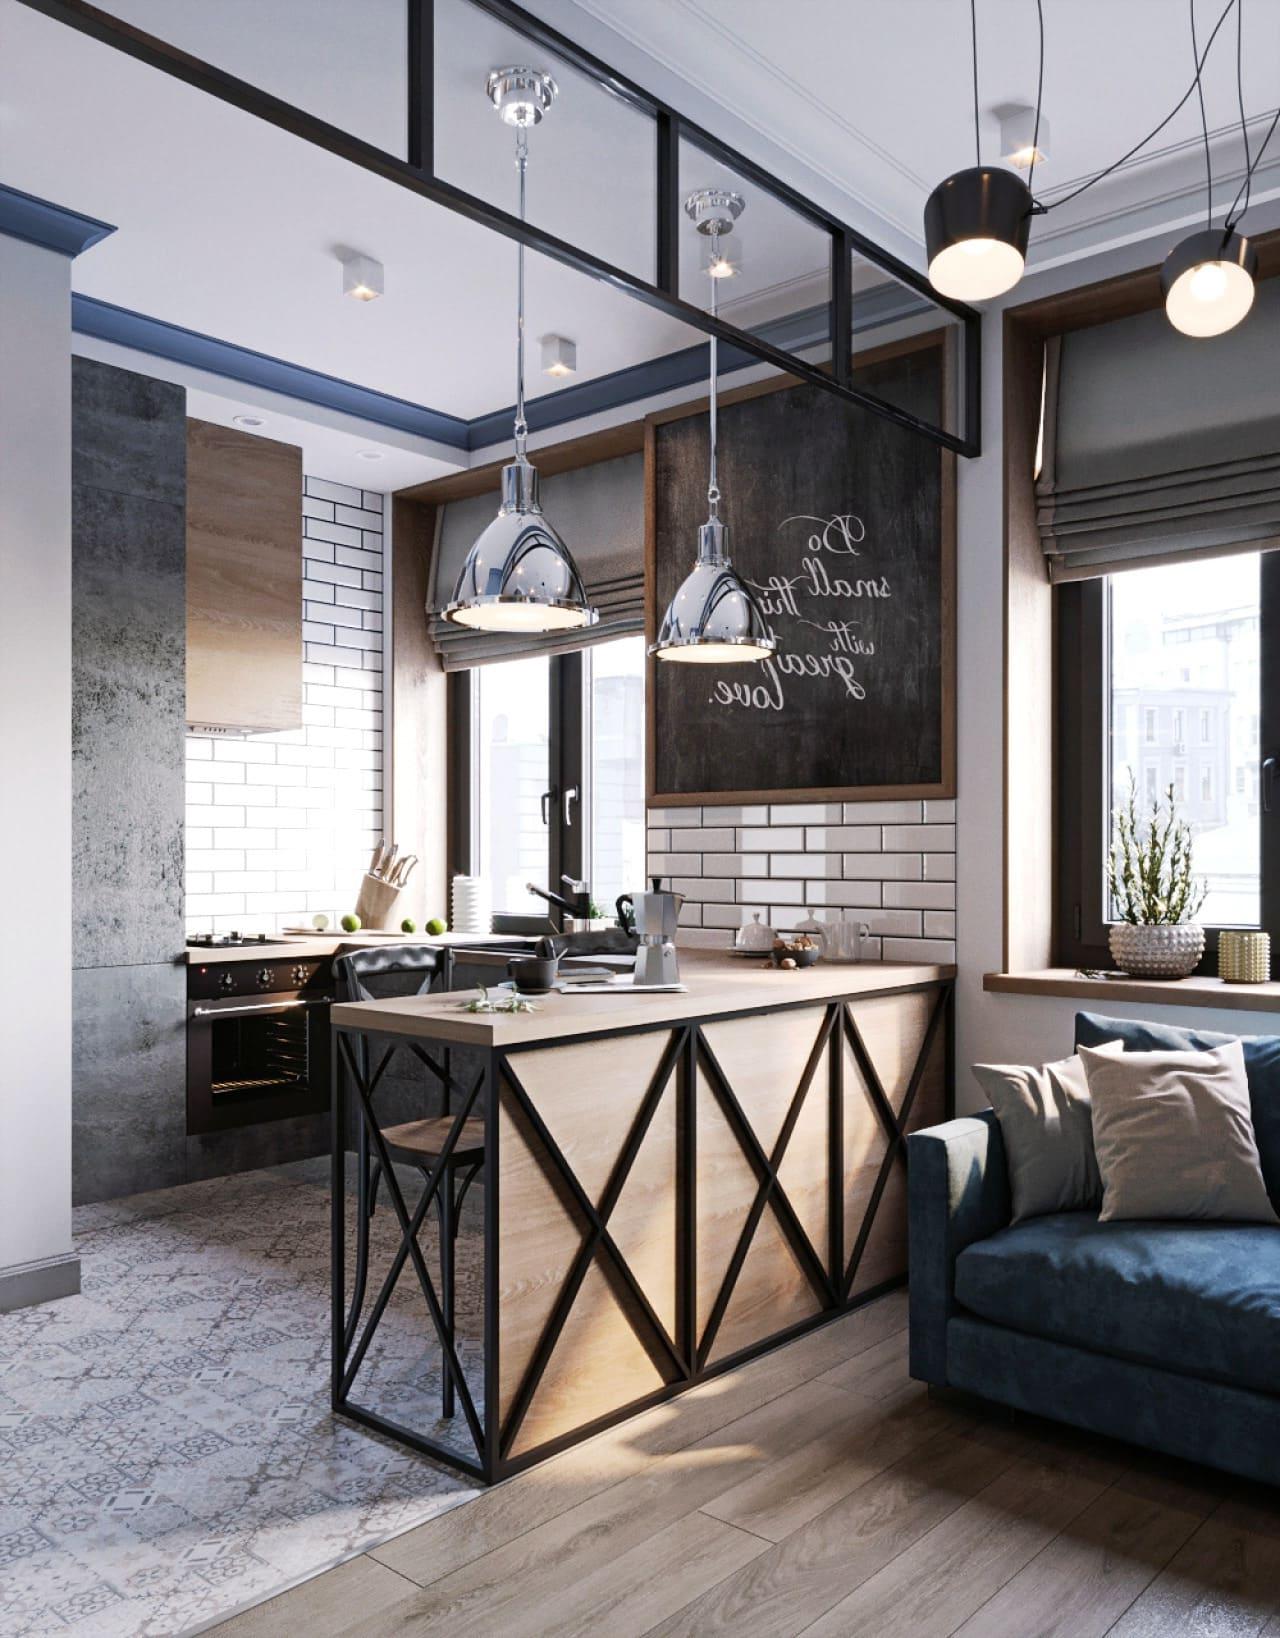 Conception d'un appartement d'une seule pièce photo 36